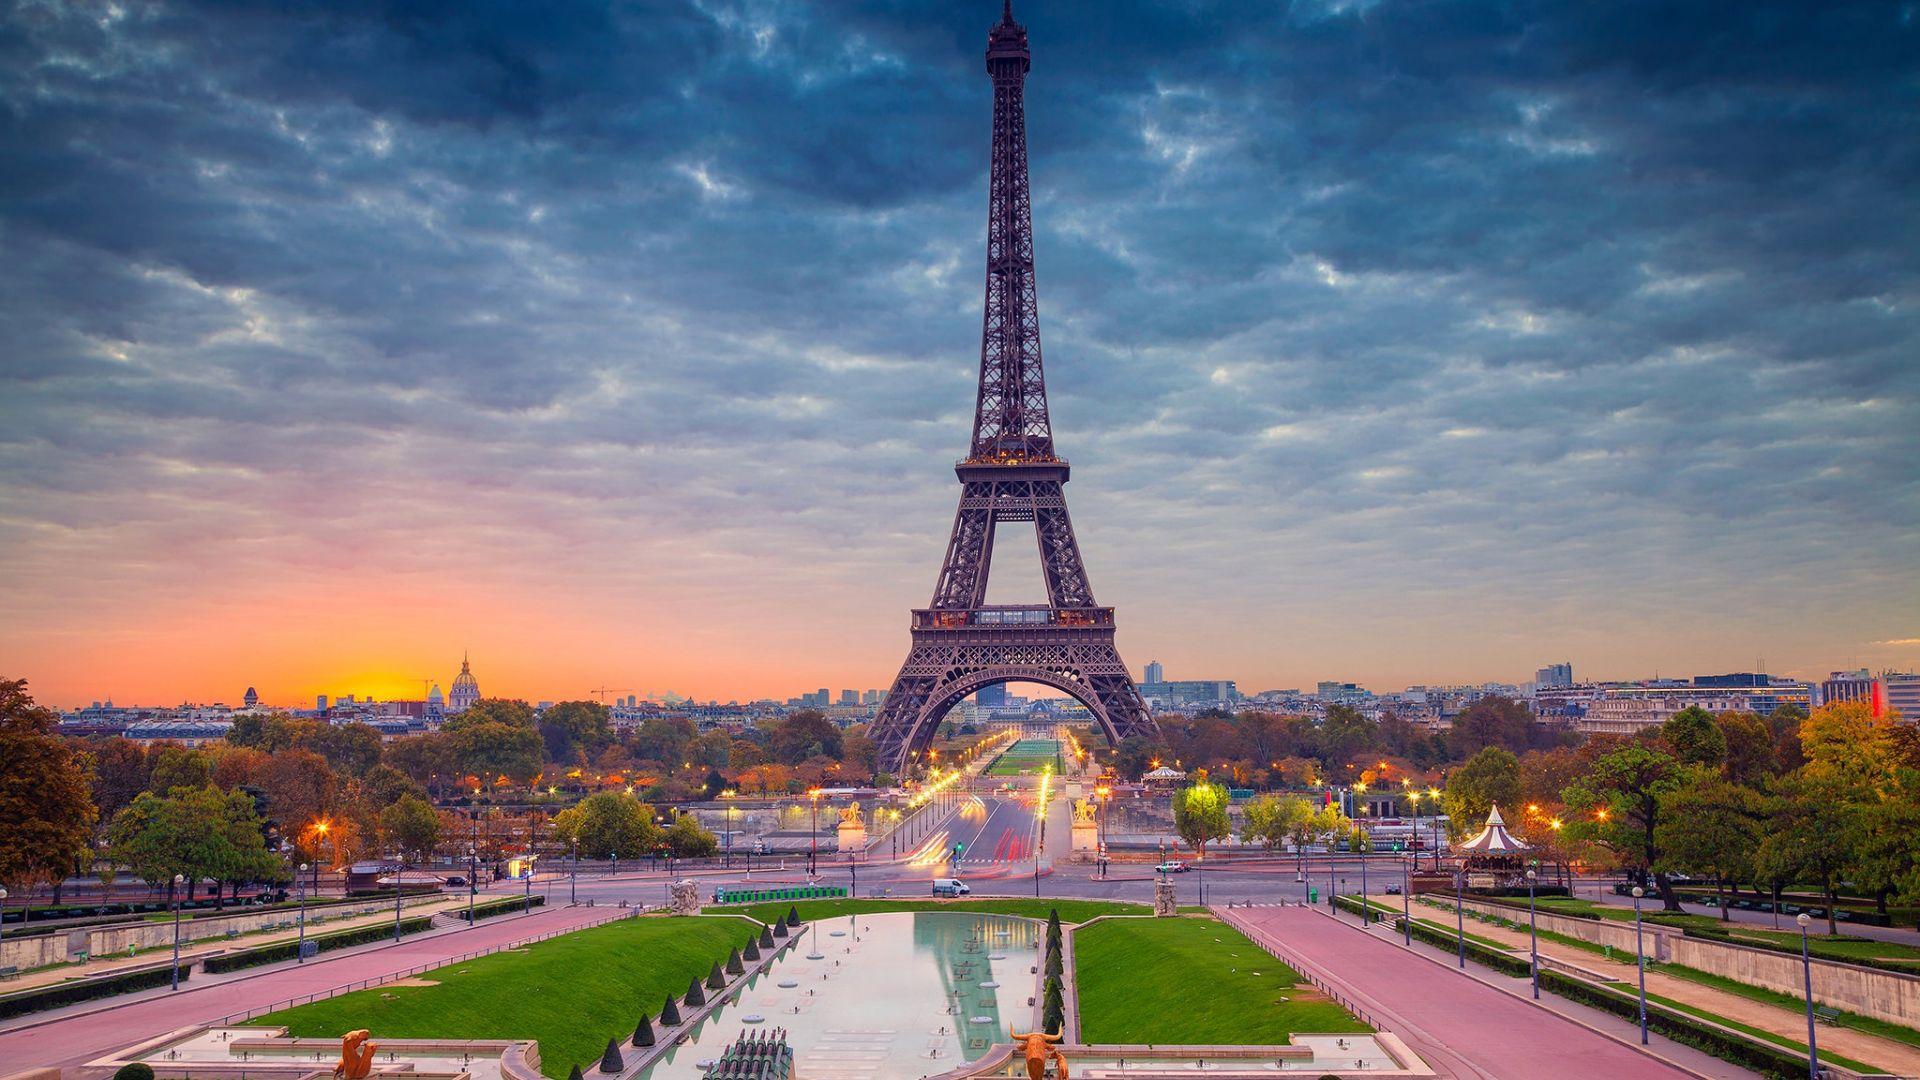 Eiffel tower sunset wallpaper